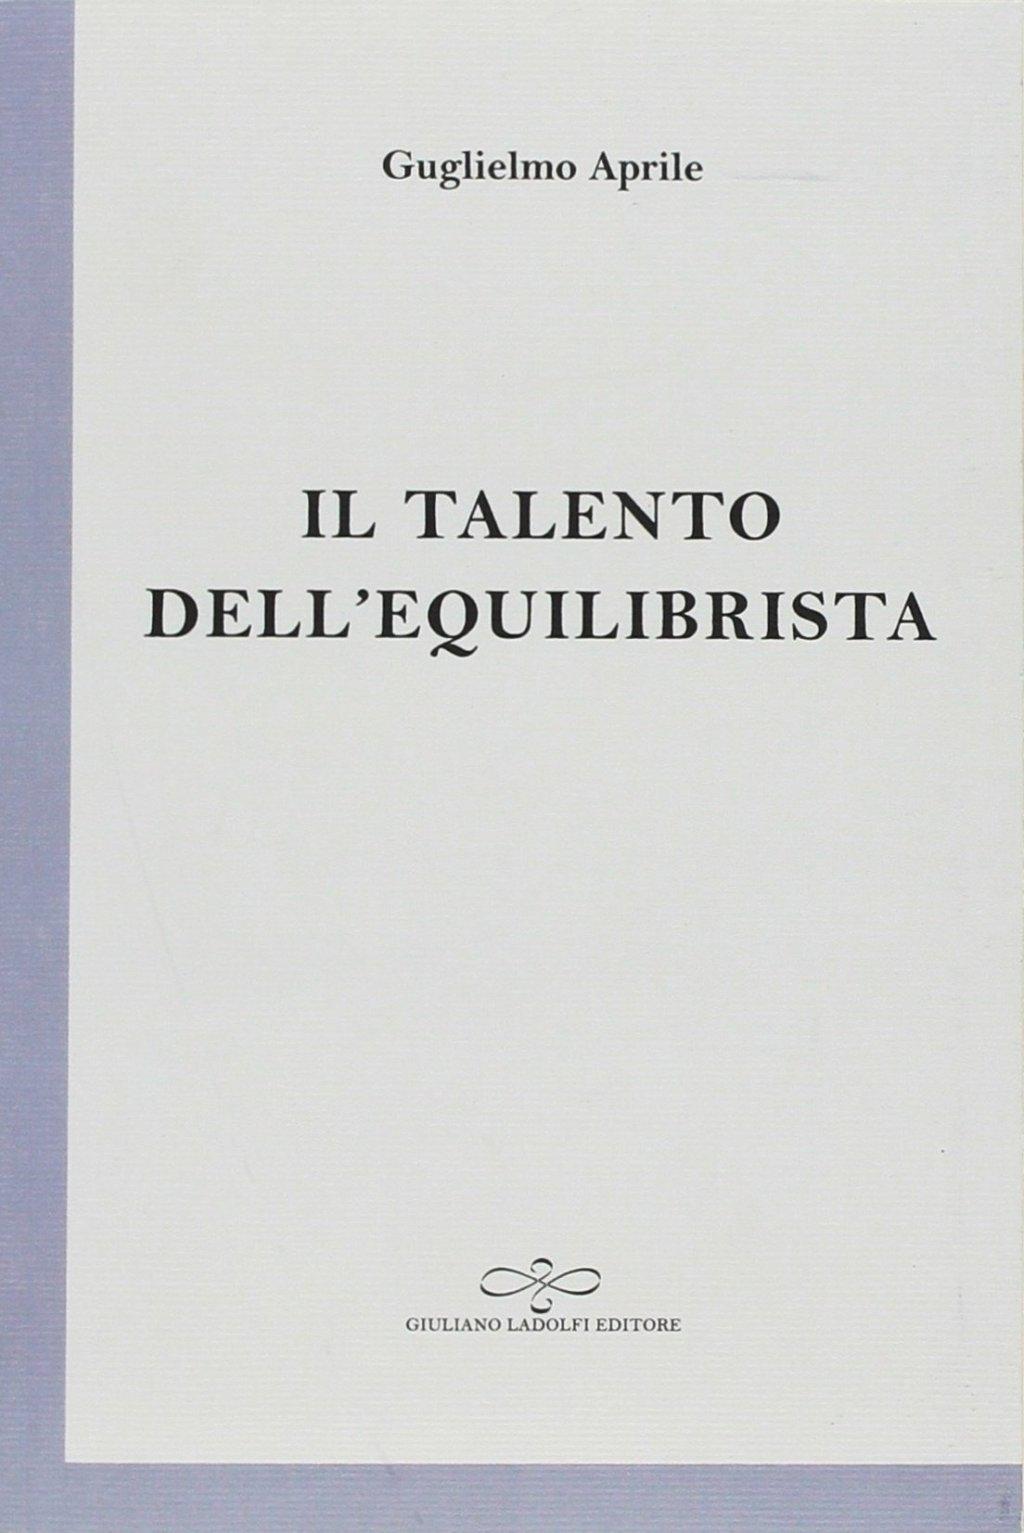 Guglielmo Aprile